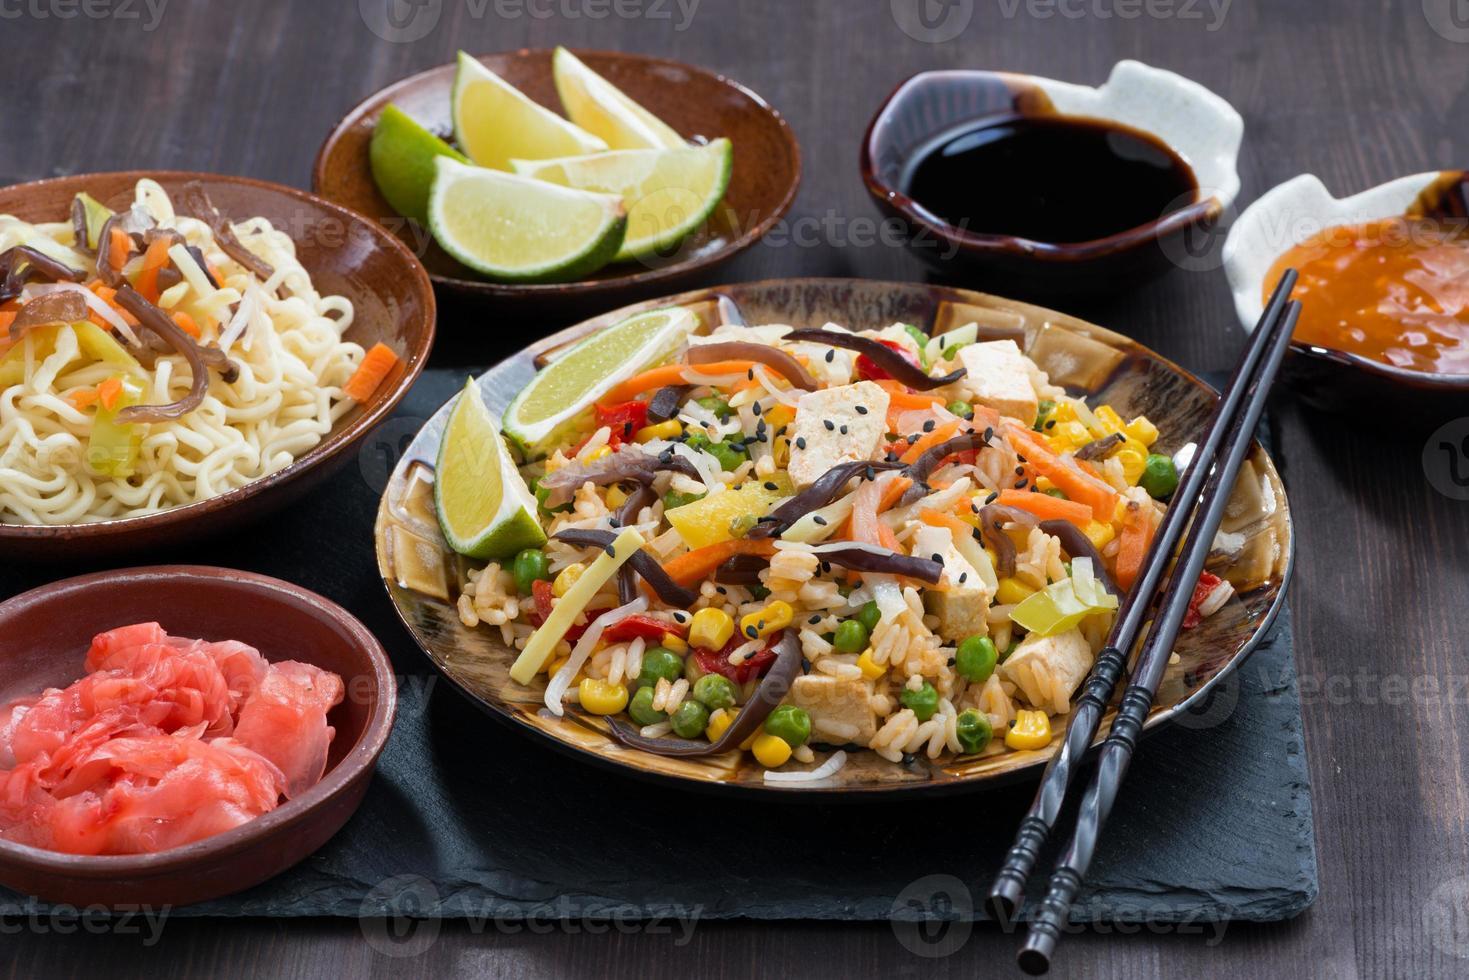 pranzo asiatico - riso fritto con tofu e verdure foto